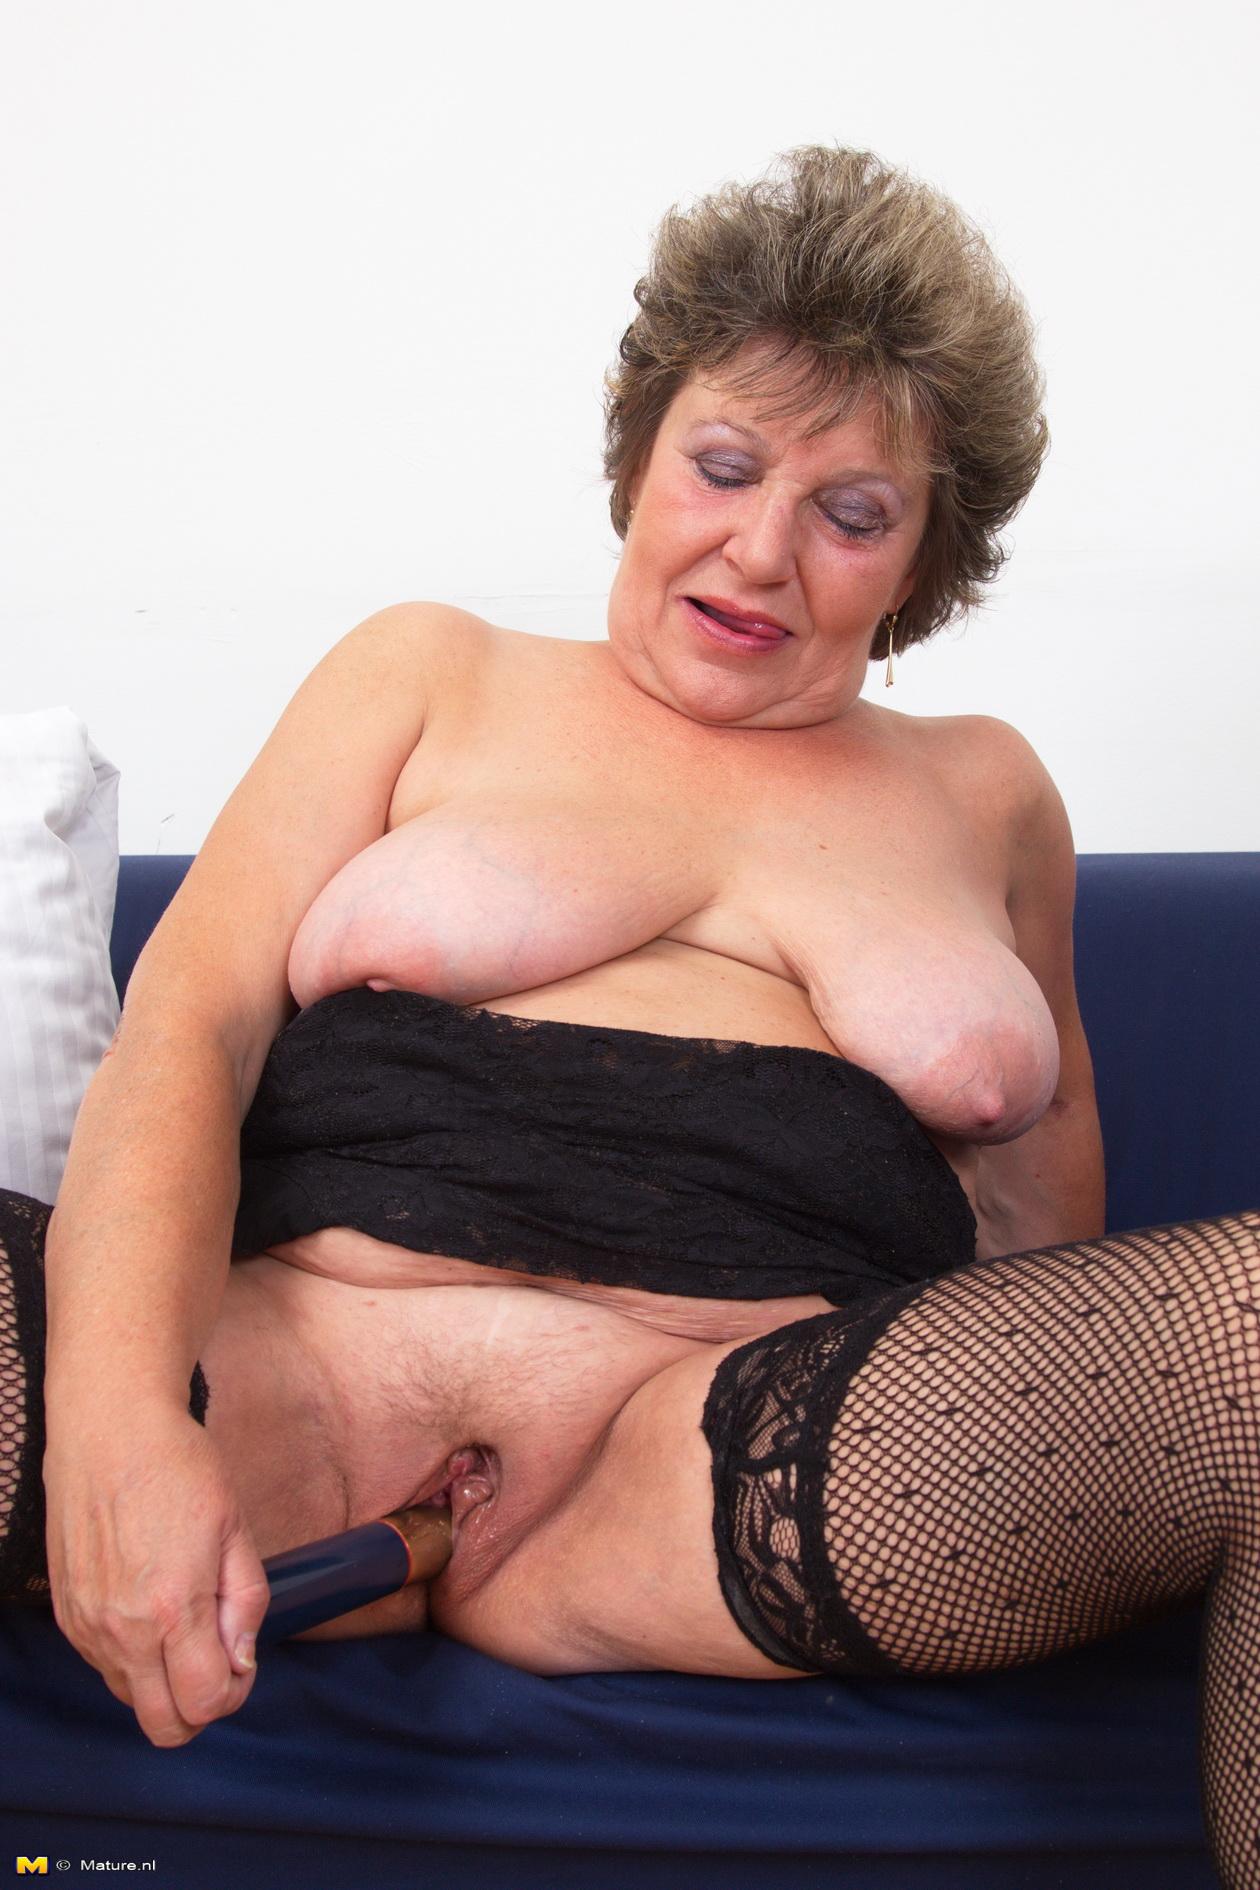 lonley granny orgasms fast